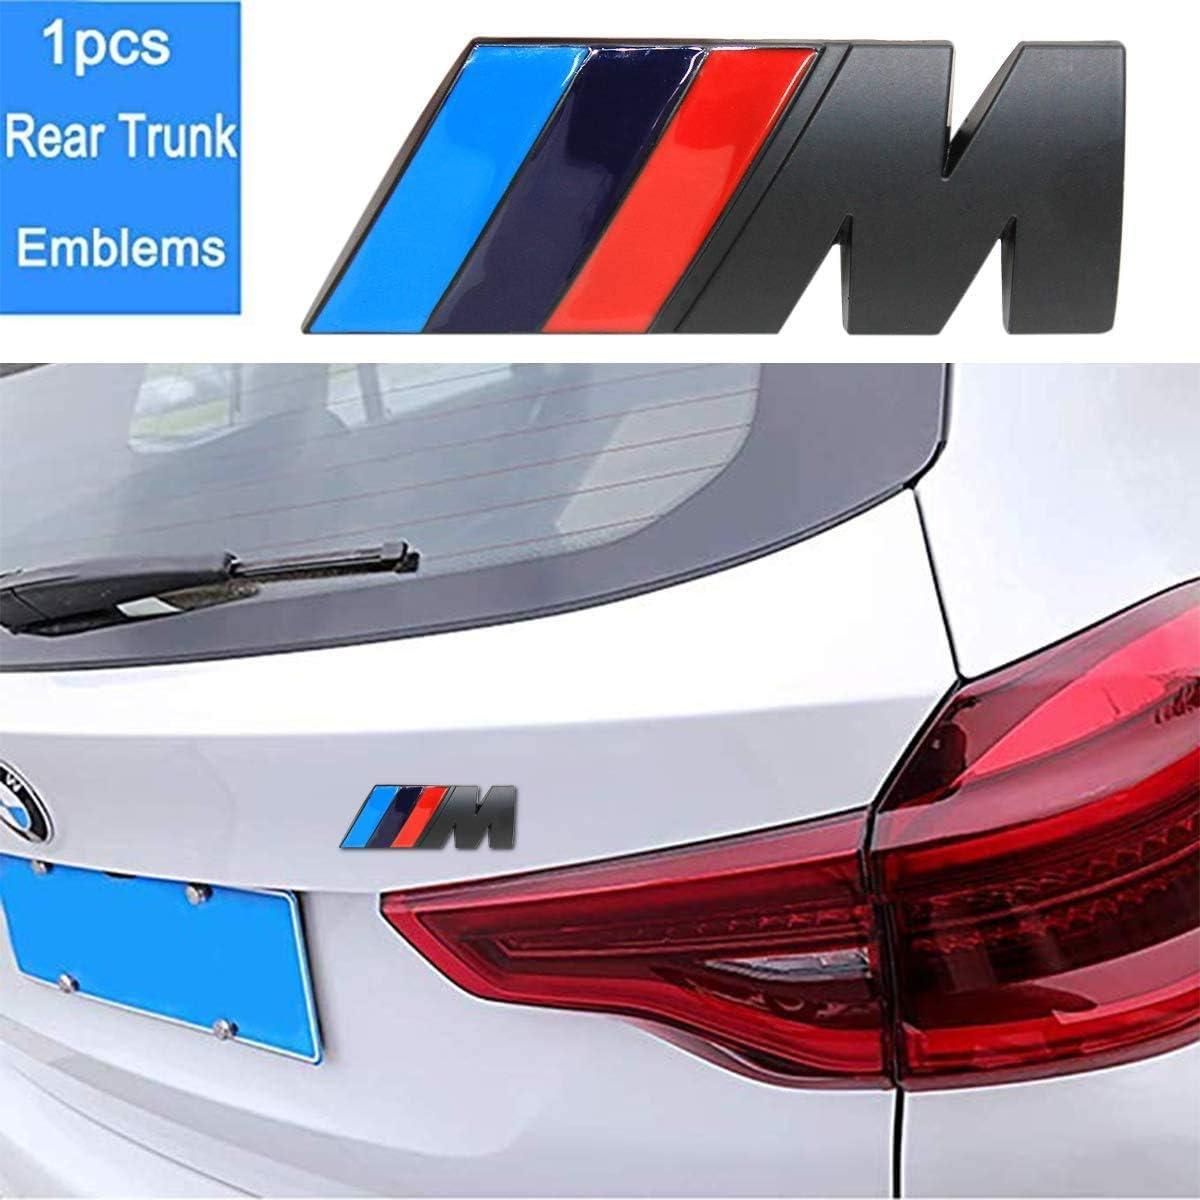 black JDclubs 1Set 3D Decal Nameplate Car Decal Logo Sticker Fit for All BMW M Badge Tir Color Rear Emblems Fender Side Emblems